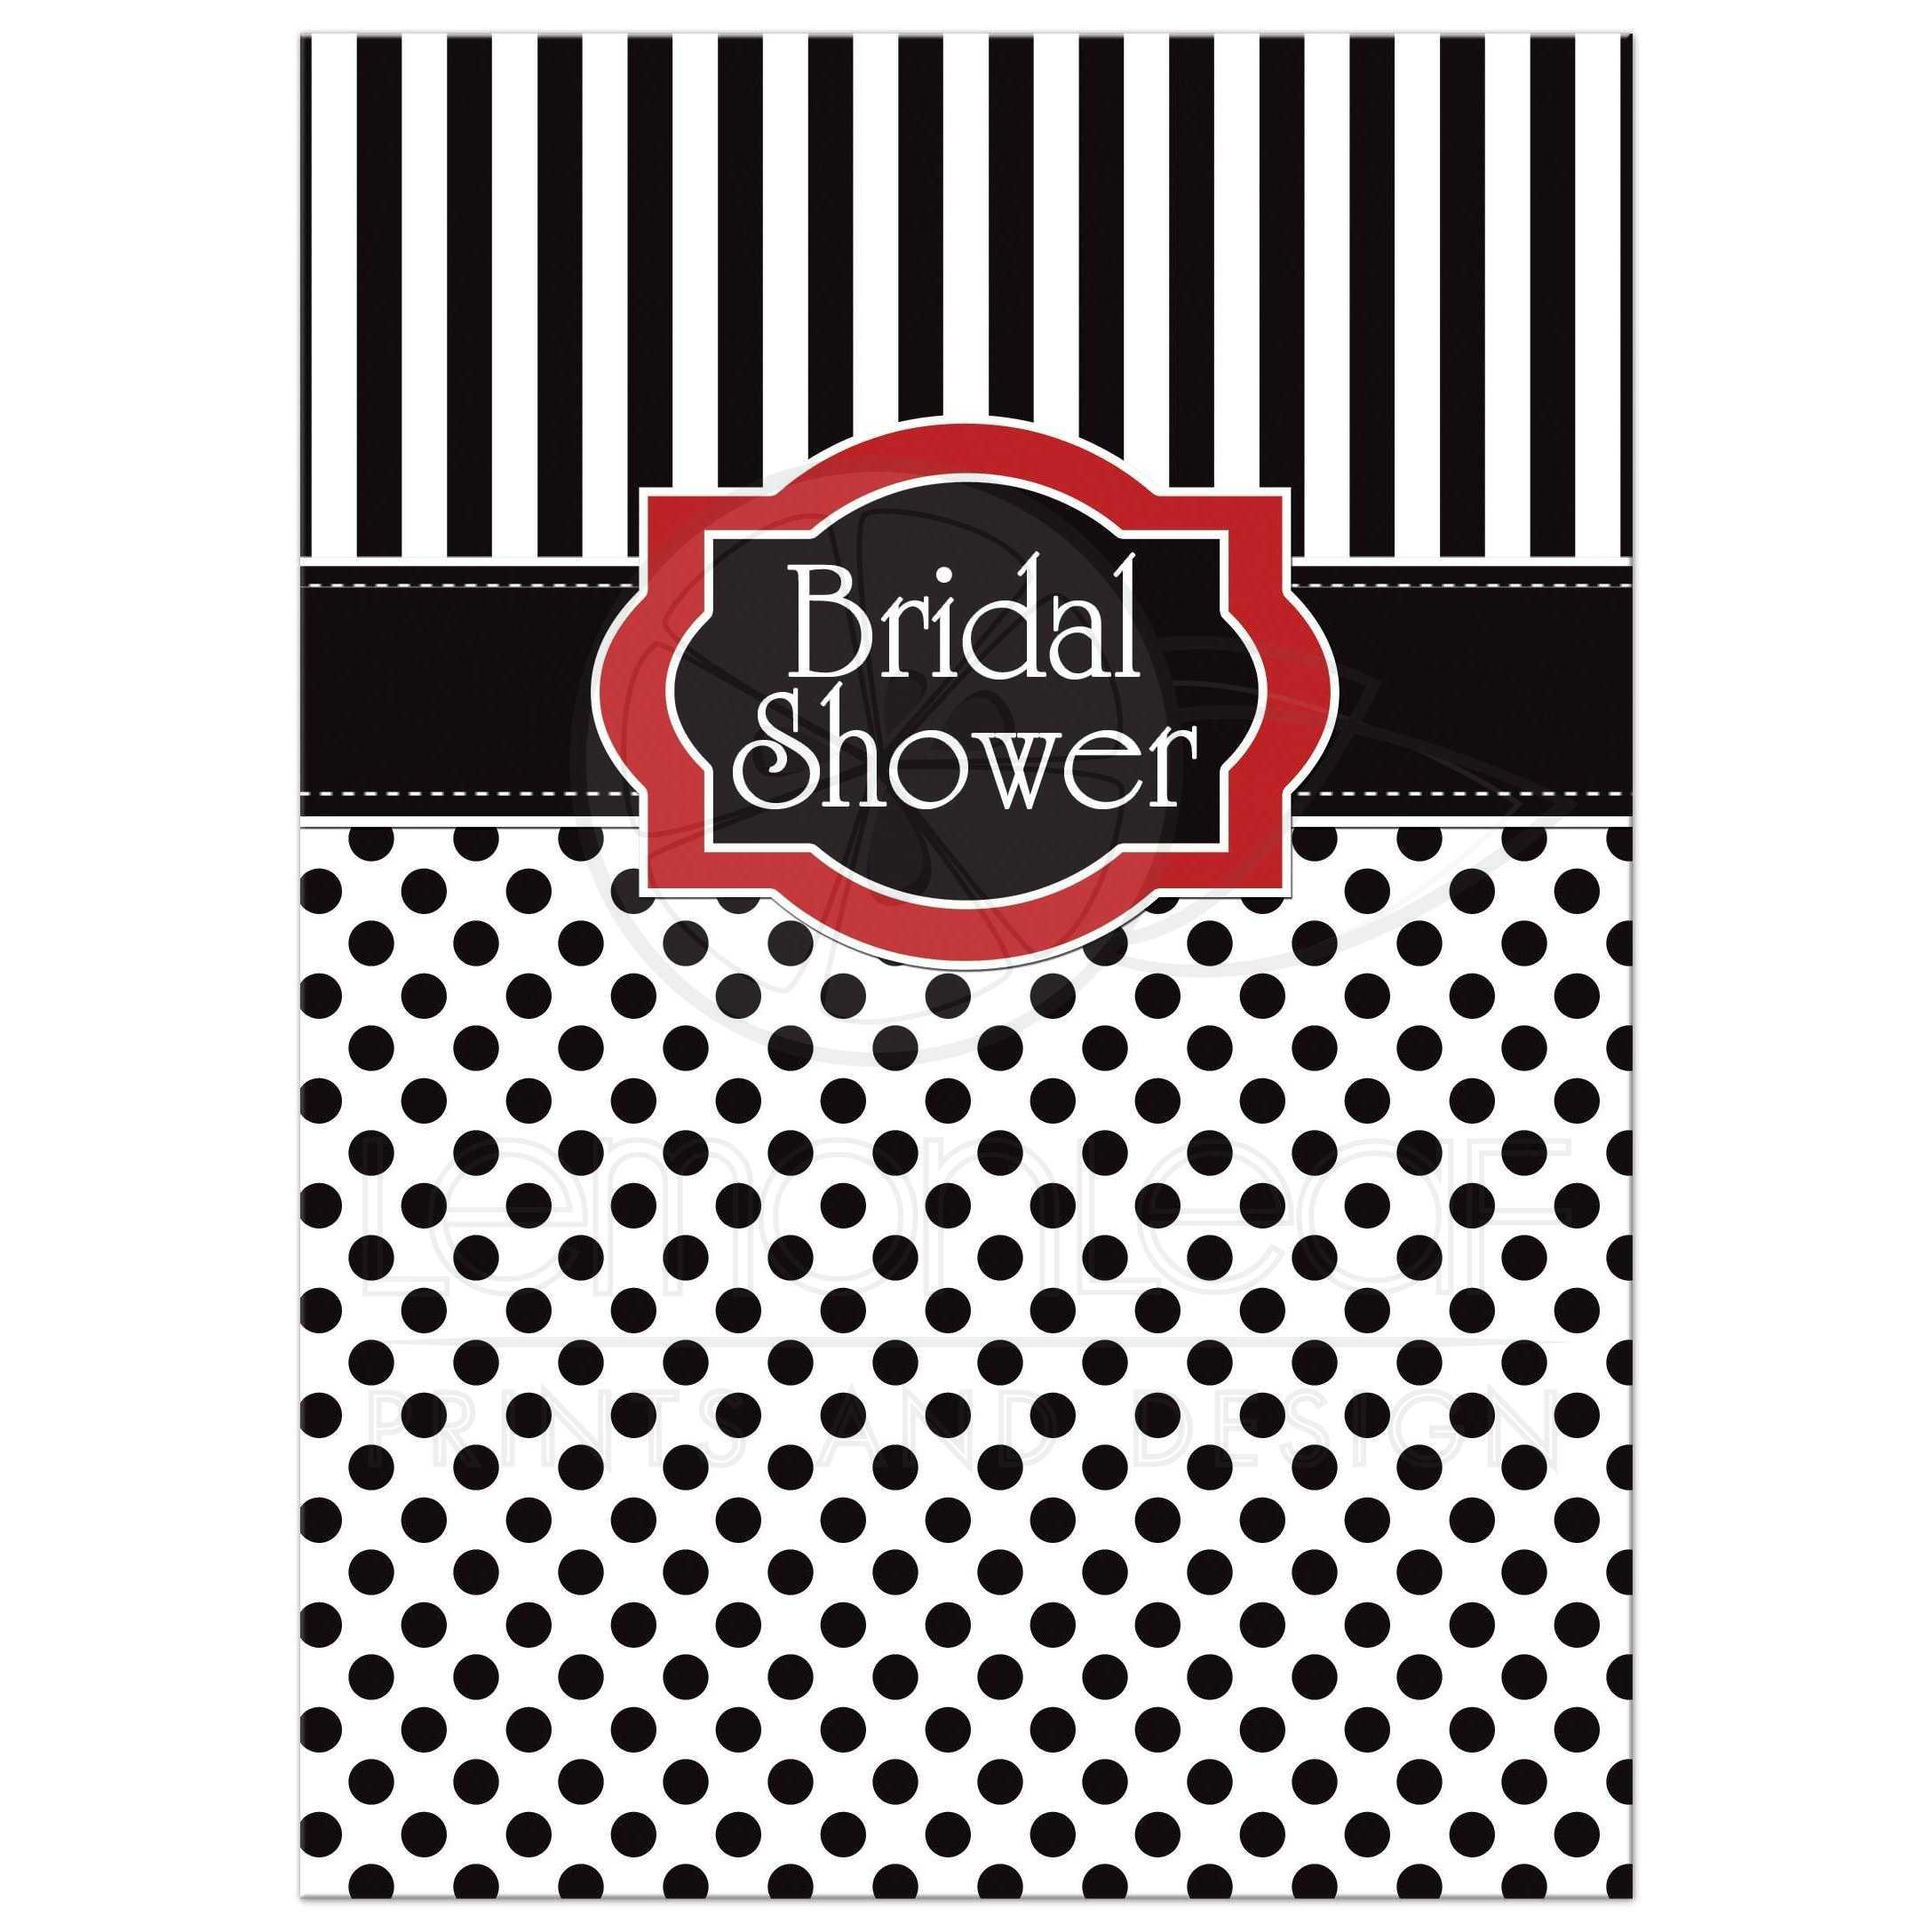 Black And White Polka Dot Wallpaper Border Bridal Shower Invitation Black White Red Polka Dots